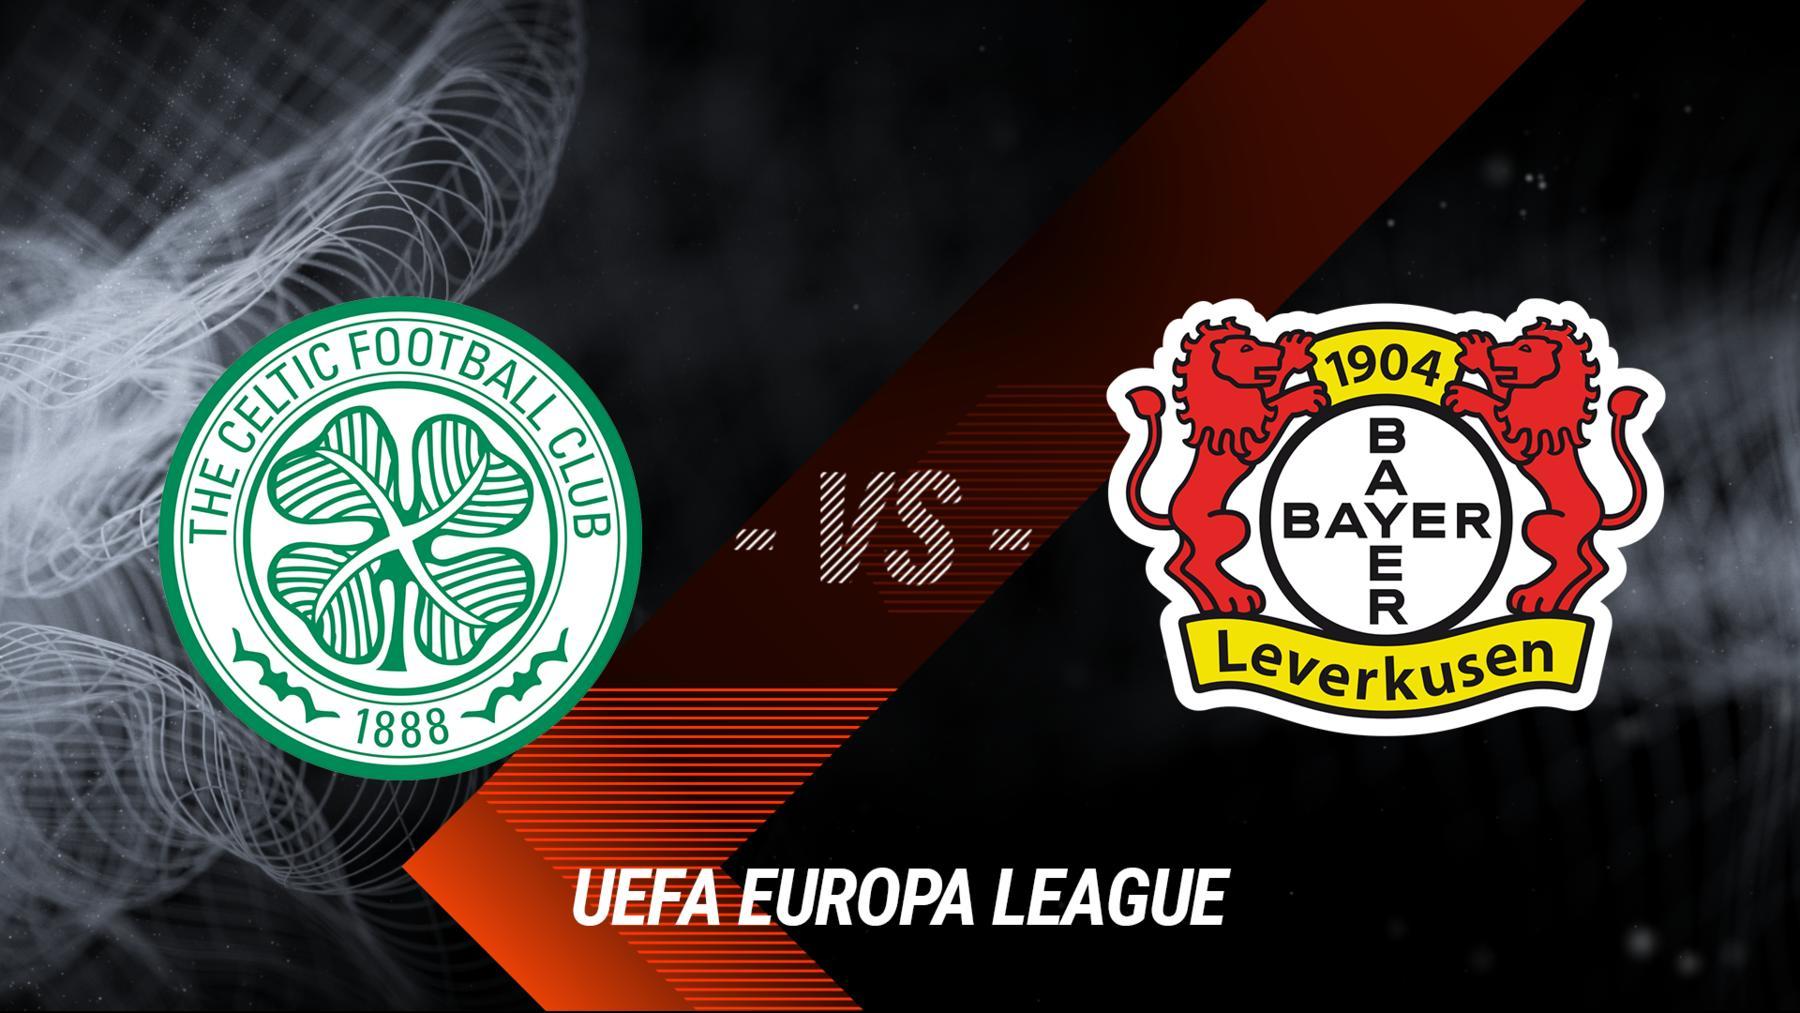 Celtic Glasgow - Bayer Leverkusen